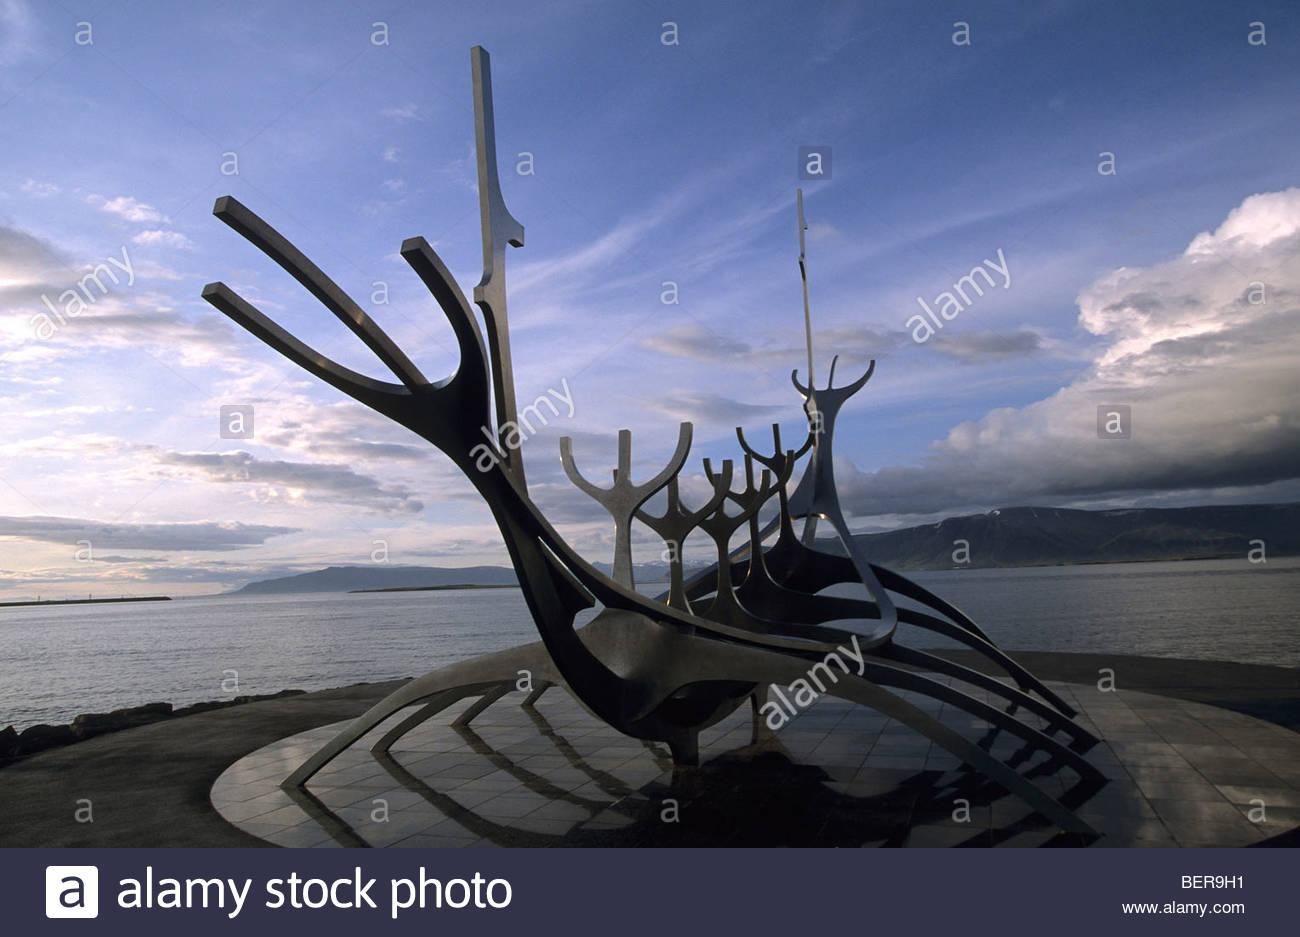 Viking Ship Sculpture, Reykjavik, Iceland - Stock Image